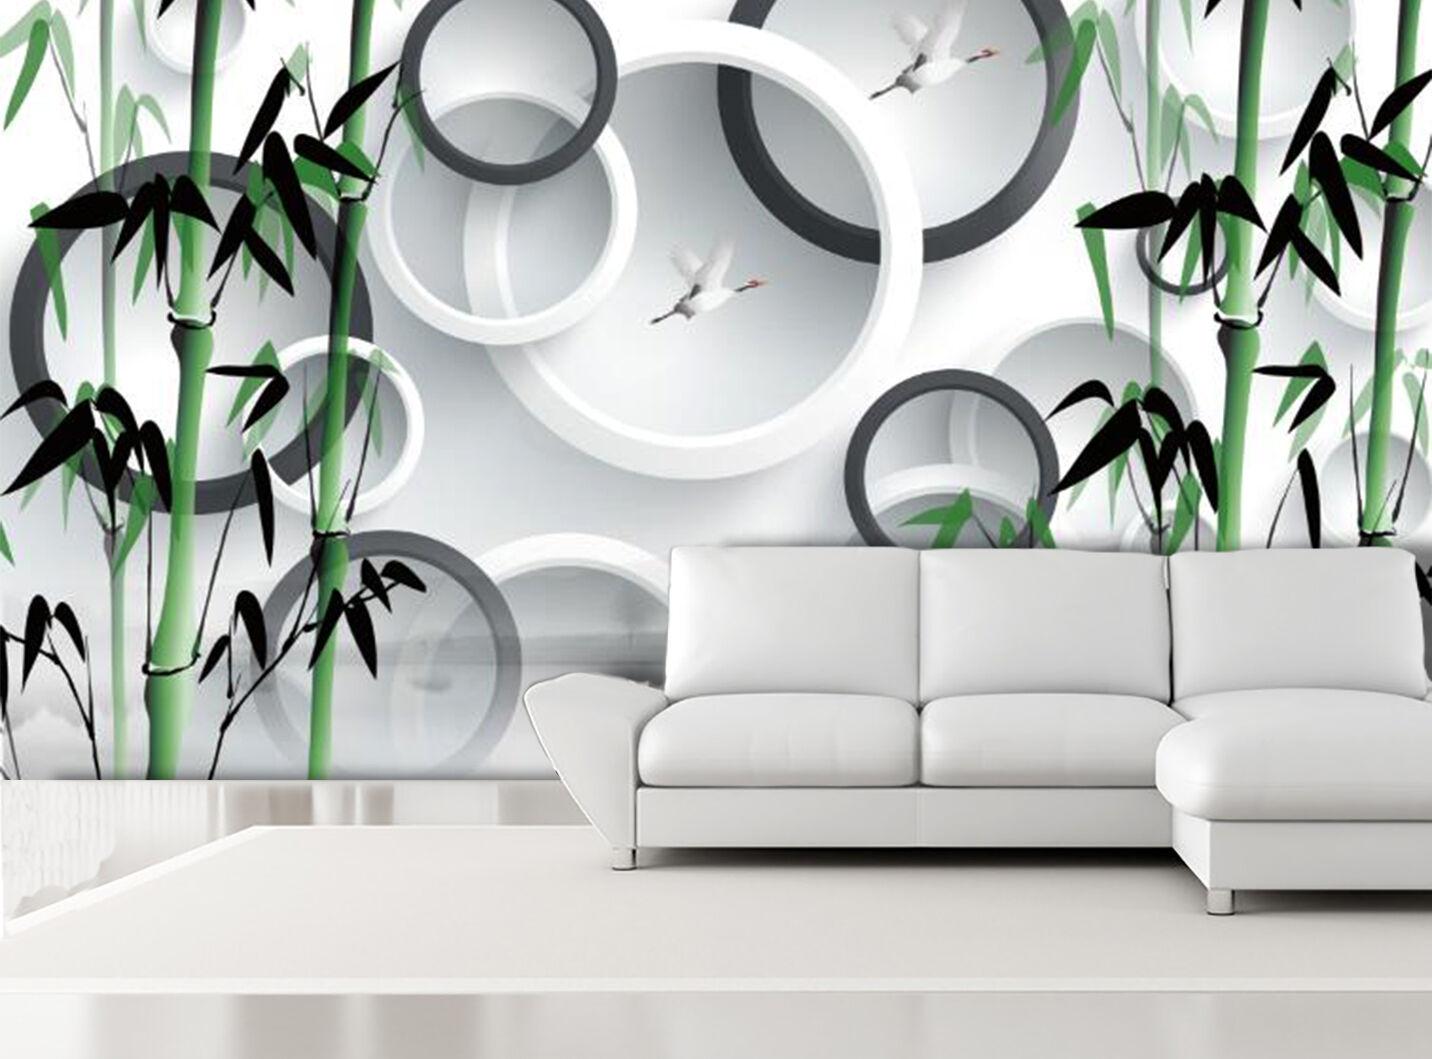 3D Bambus, Kreis 465 Fototapeten Wandbild Fototapete BildTapete Familie